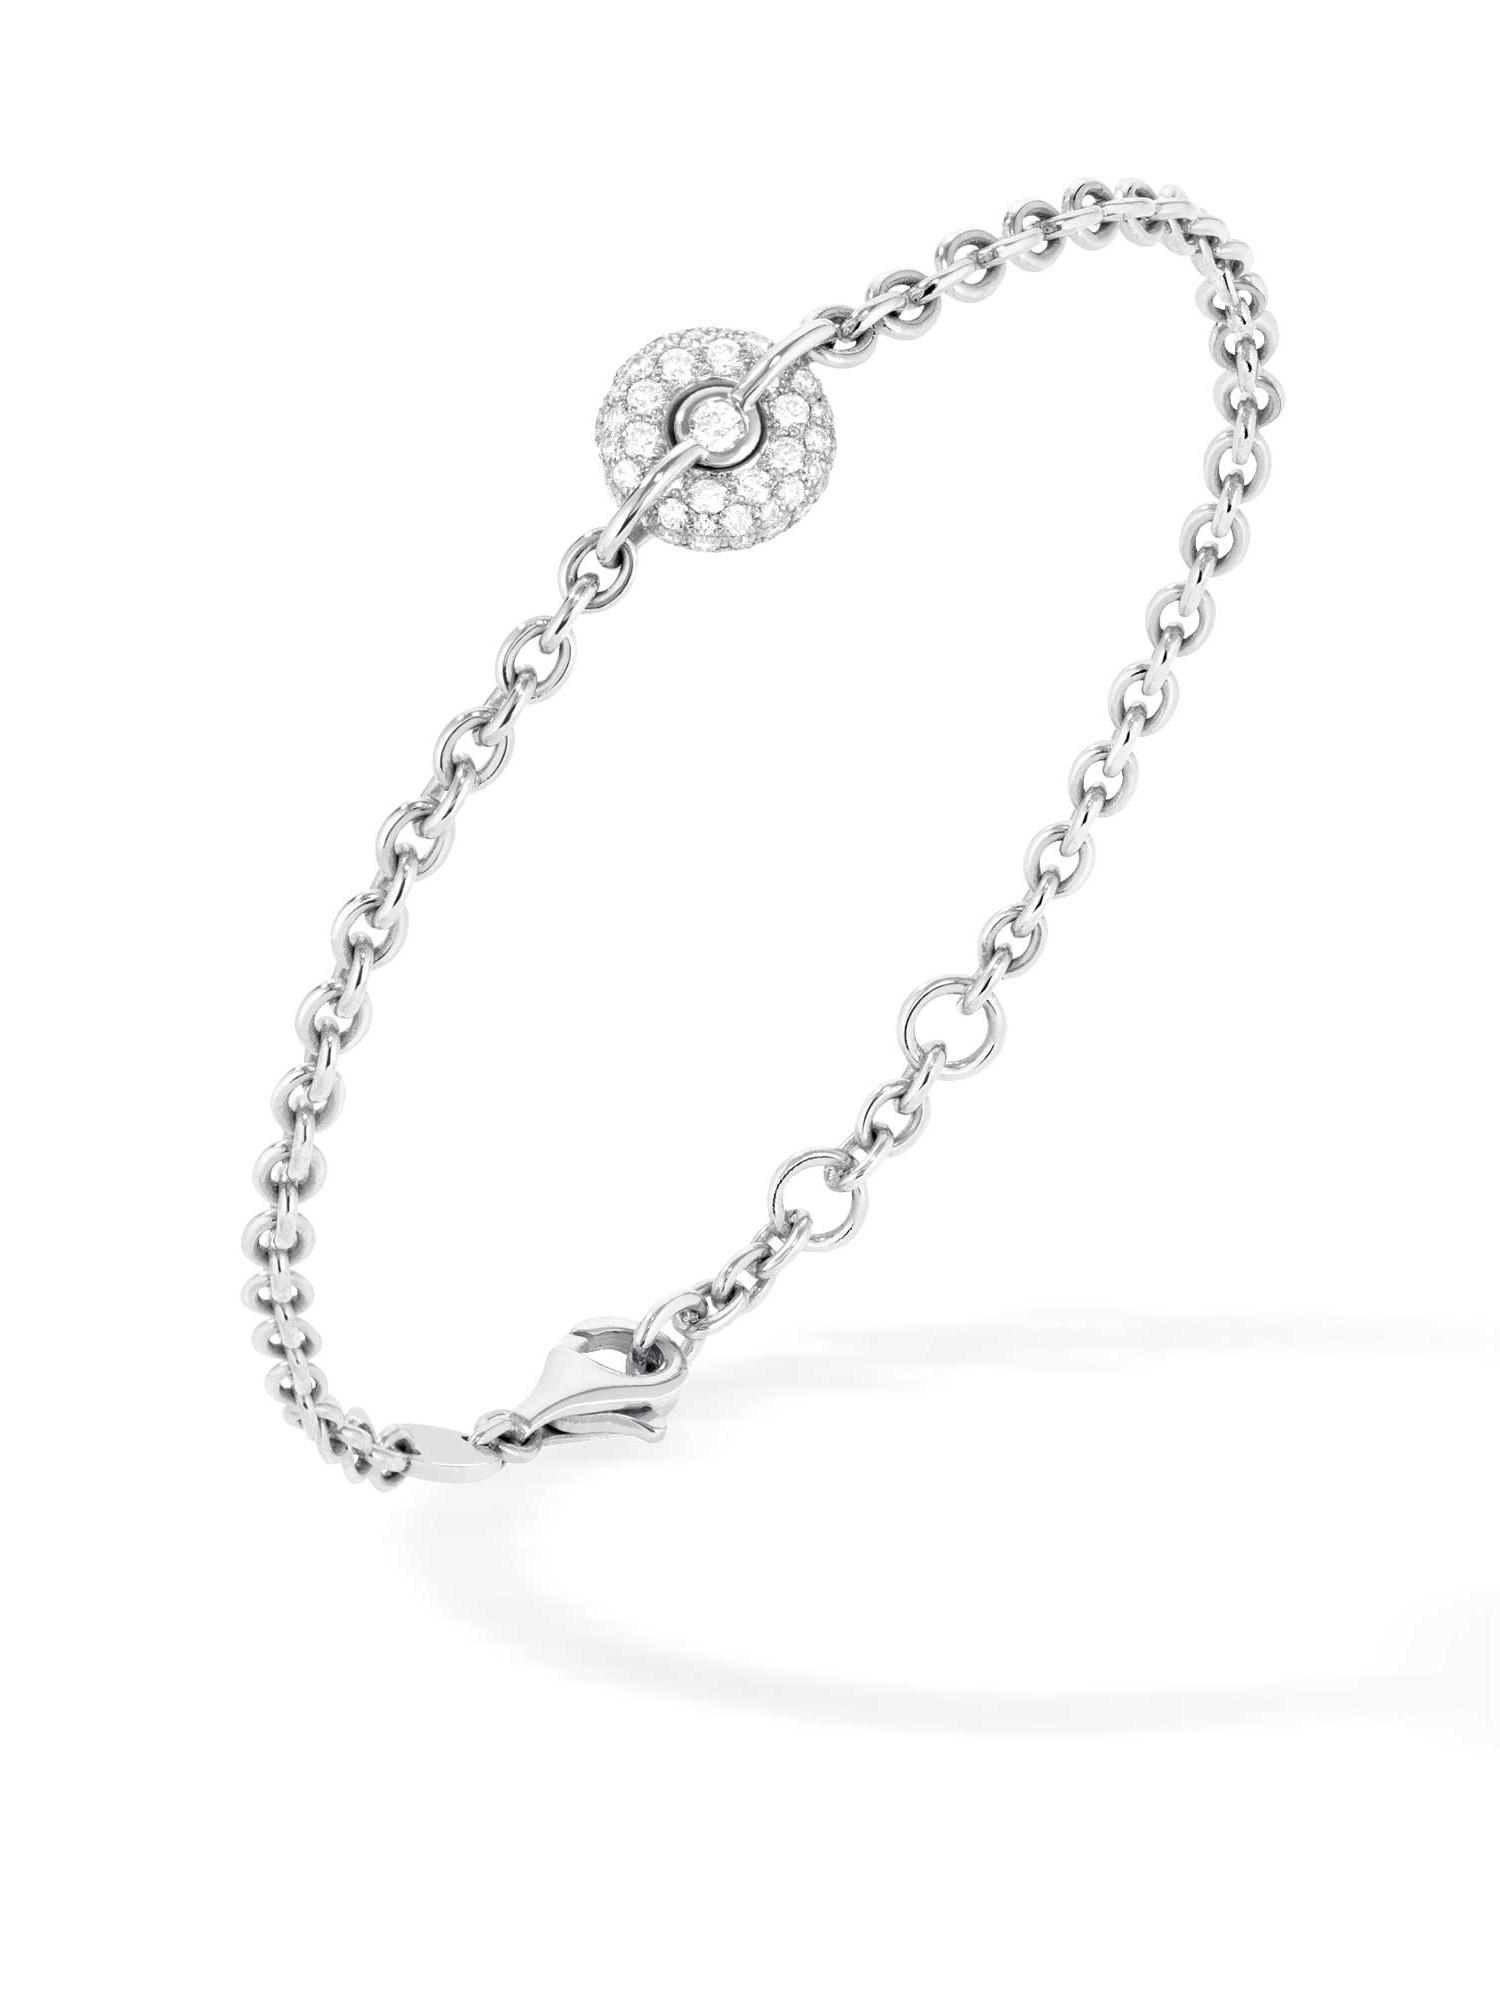 Bracelet chaine or gris et diamants 1 bouée - Joaillerie Canaglia Paris-Milan